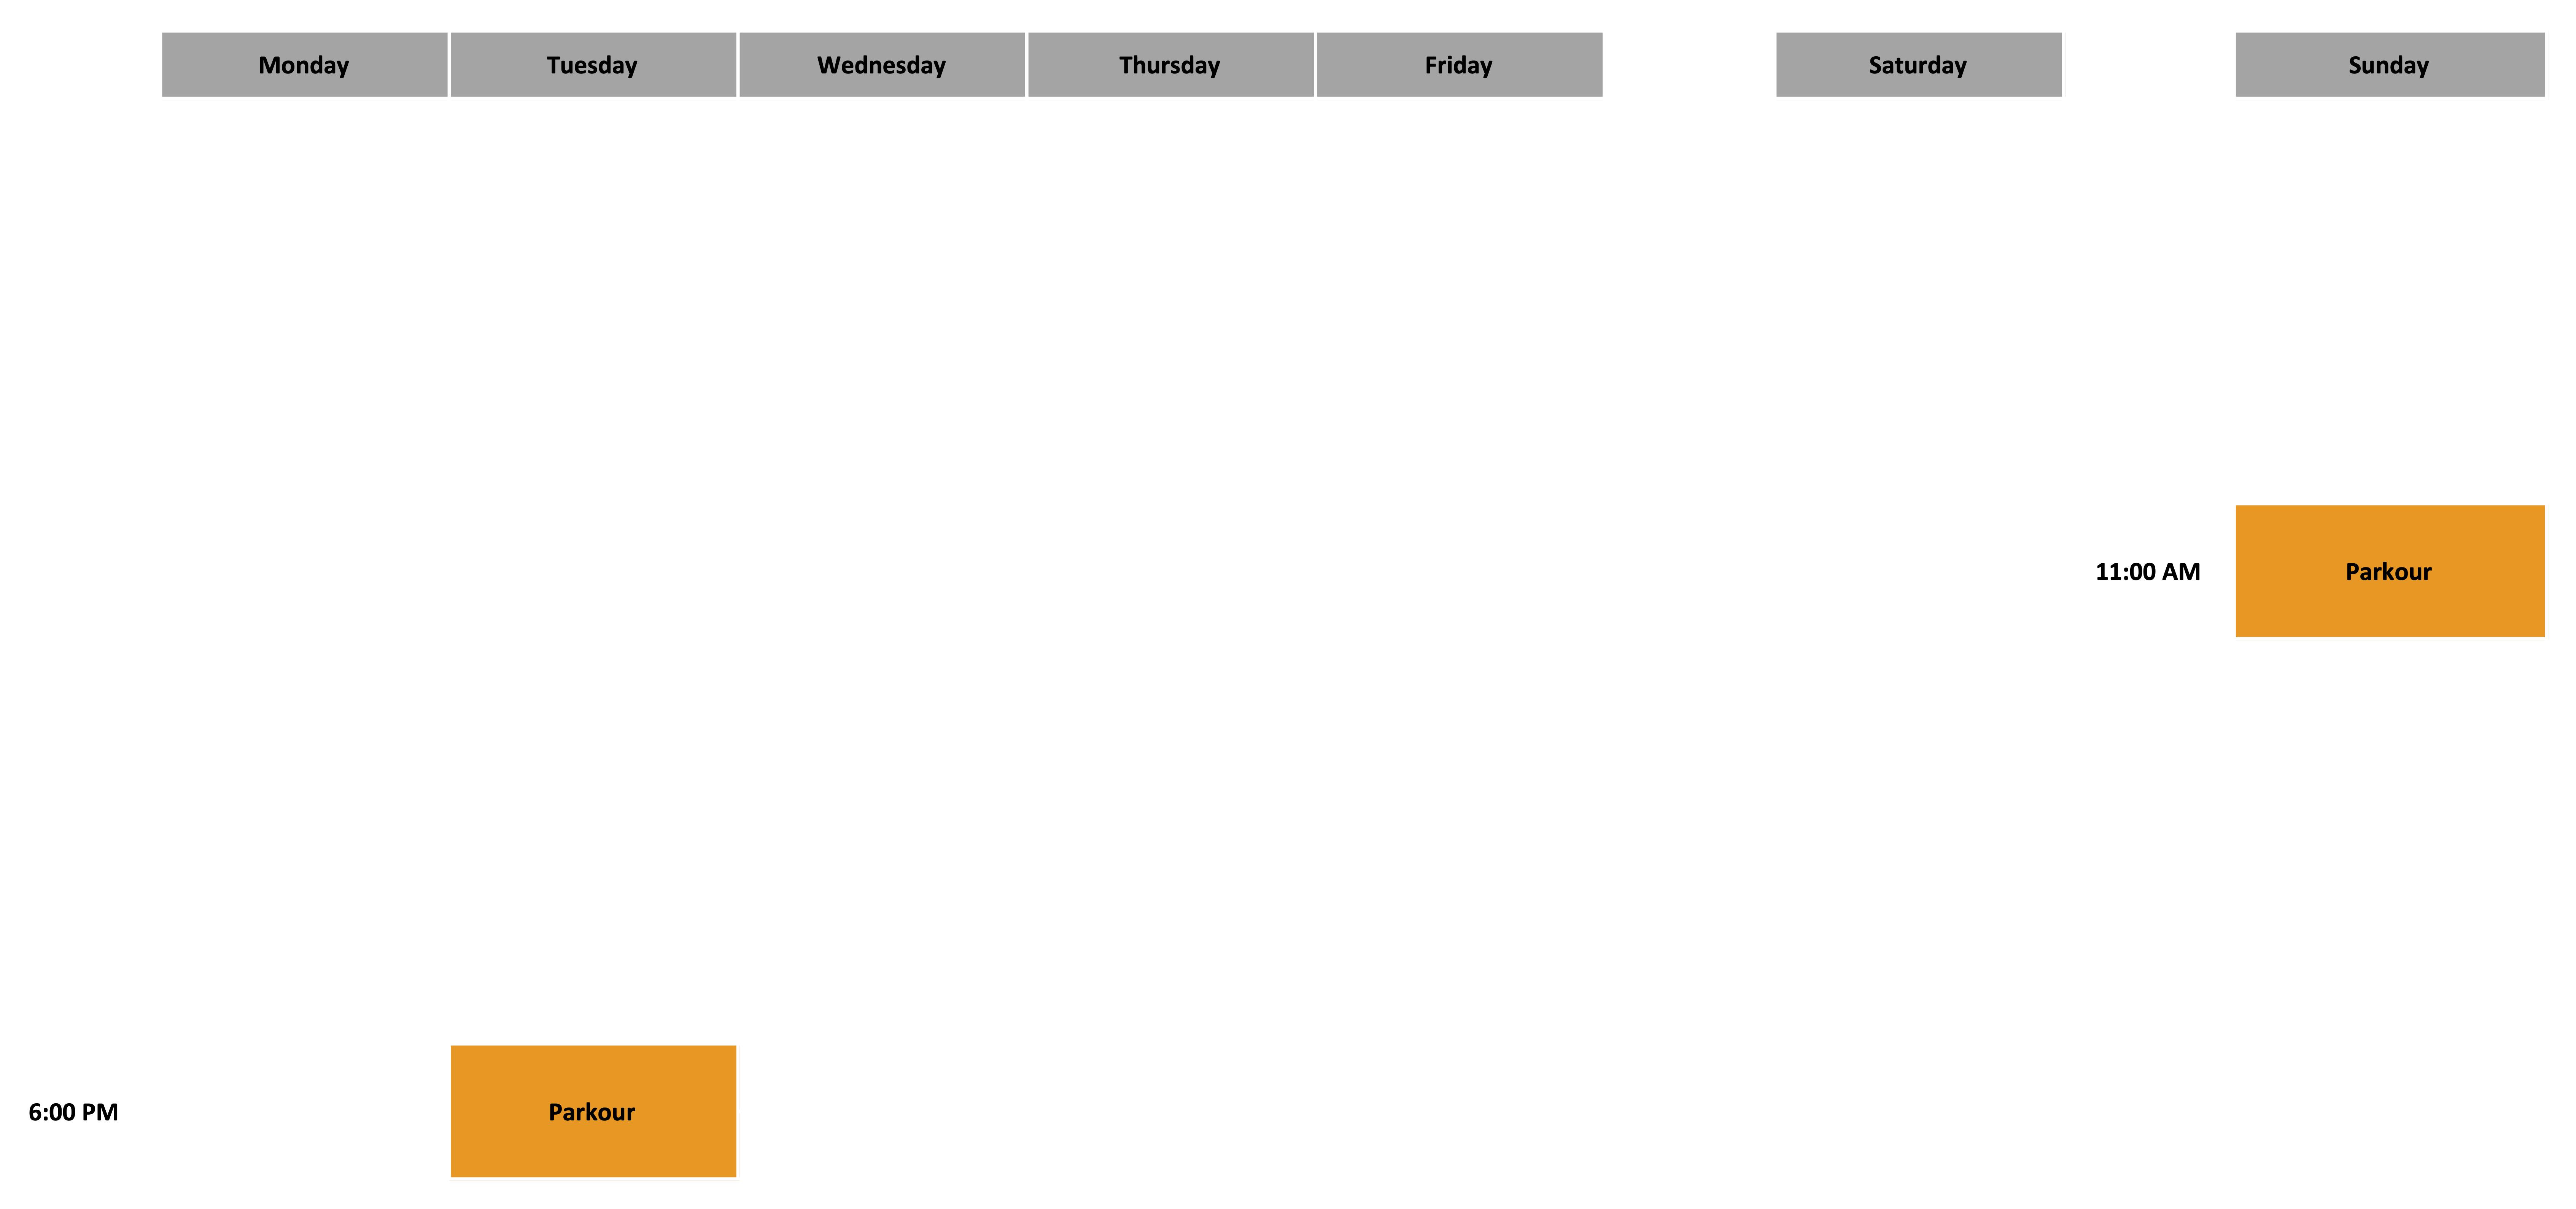 Parkour Schedule - August 2020